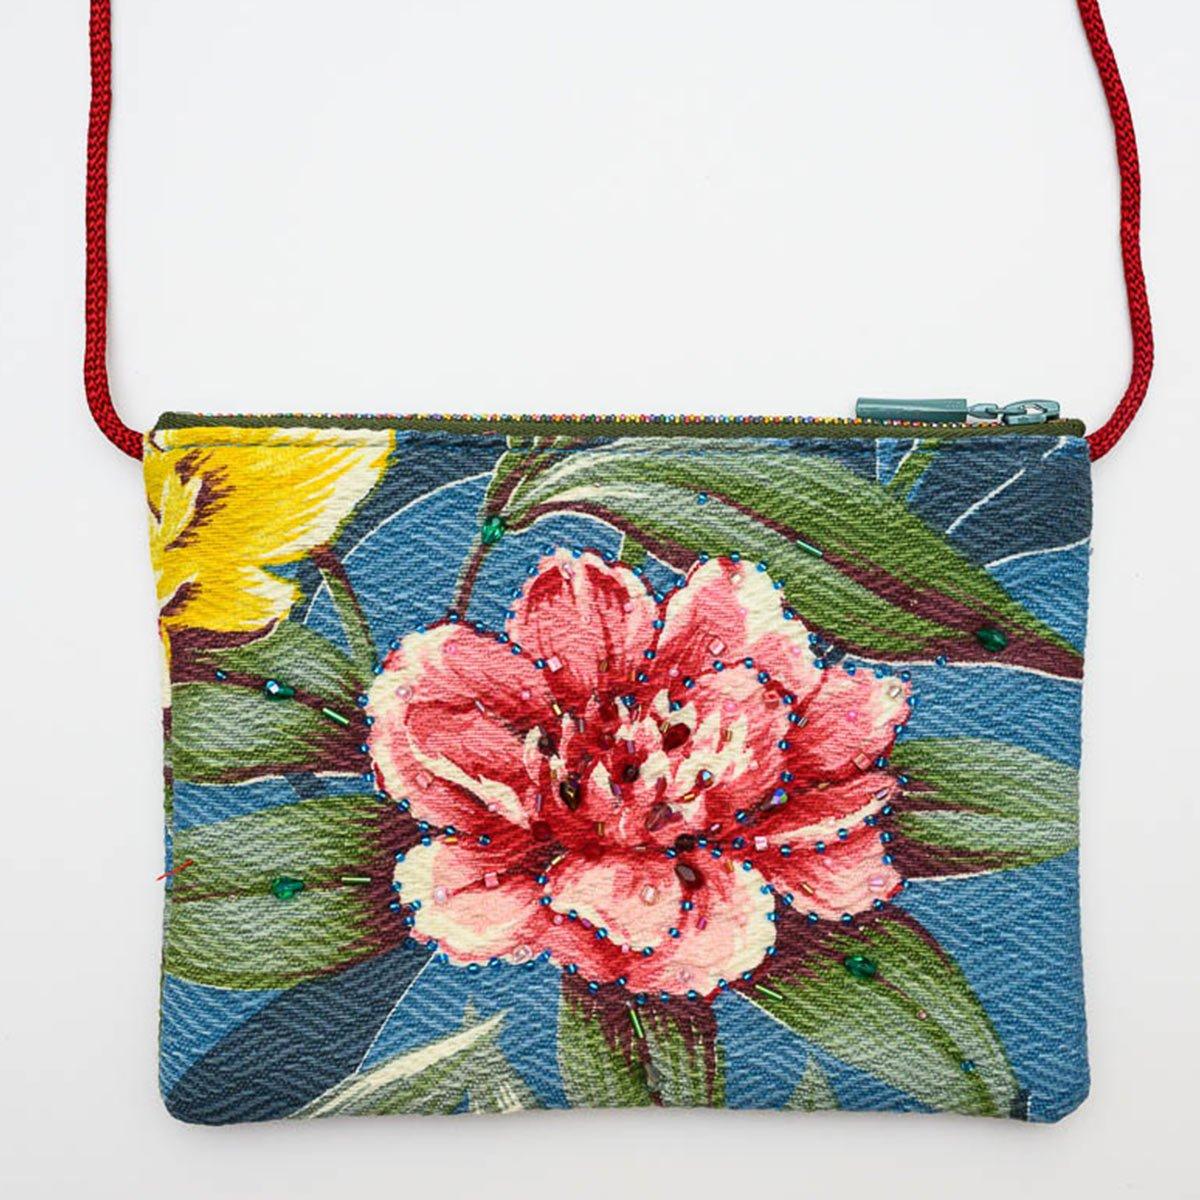 opera_bag_floral_motif_on_blue-MLP_6181